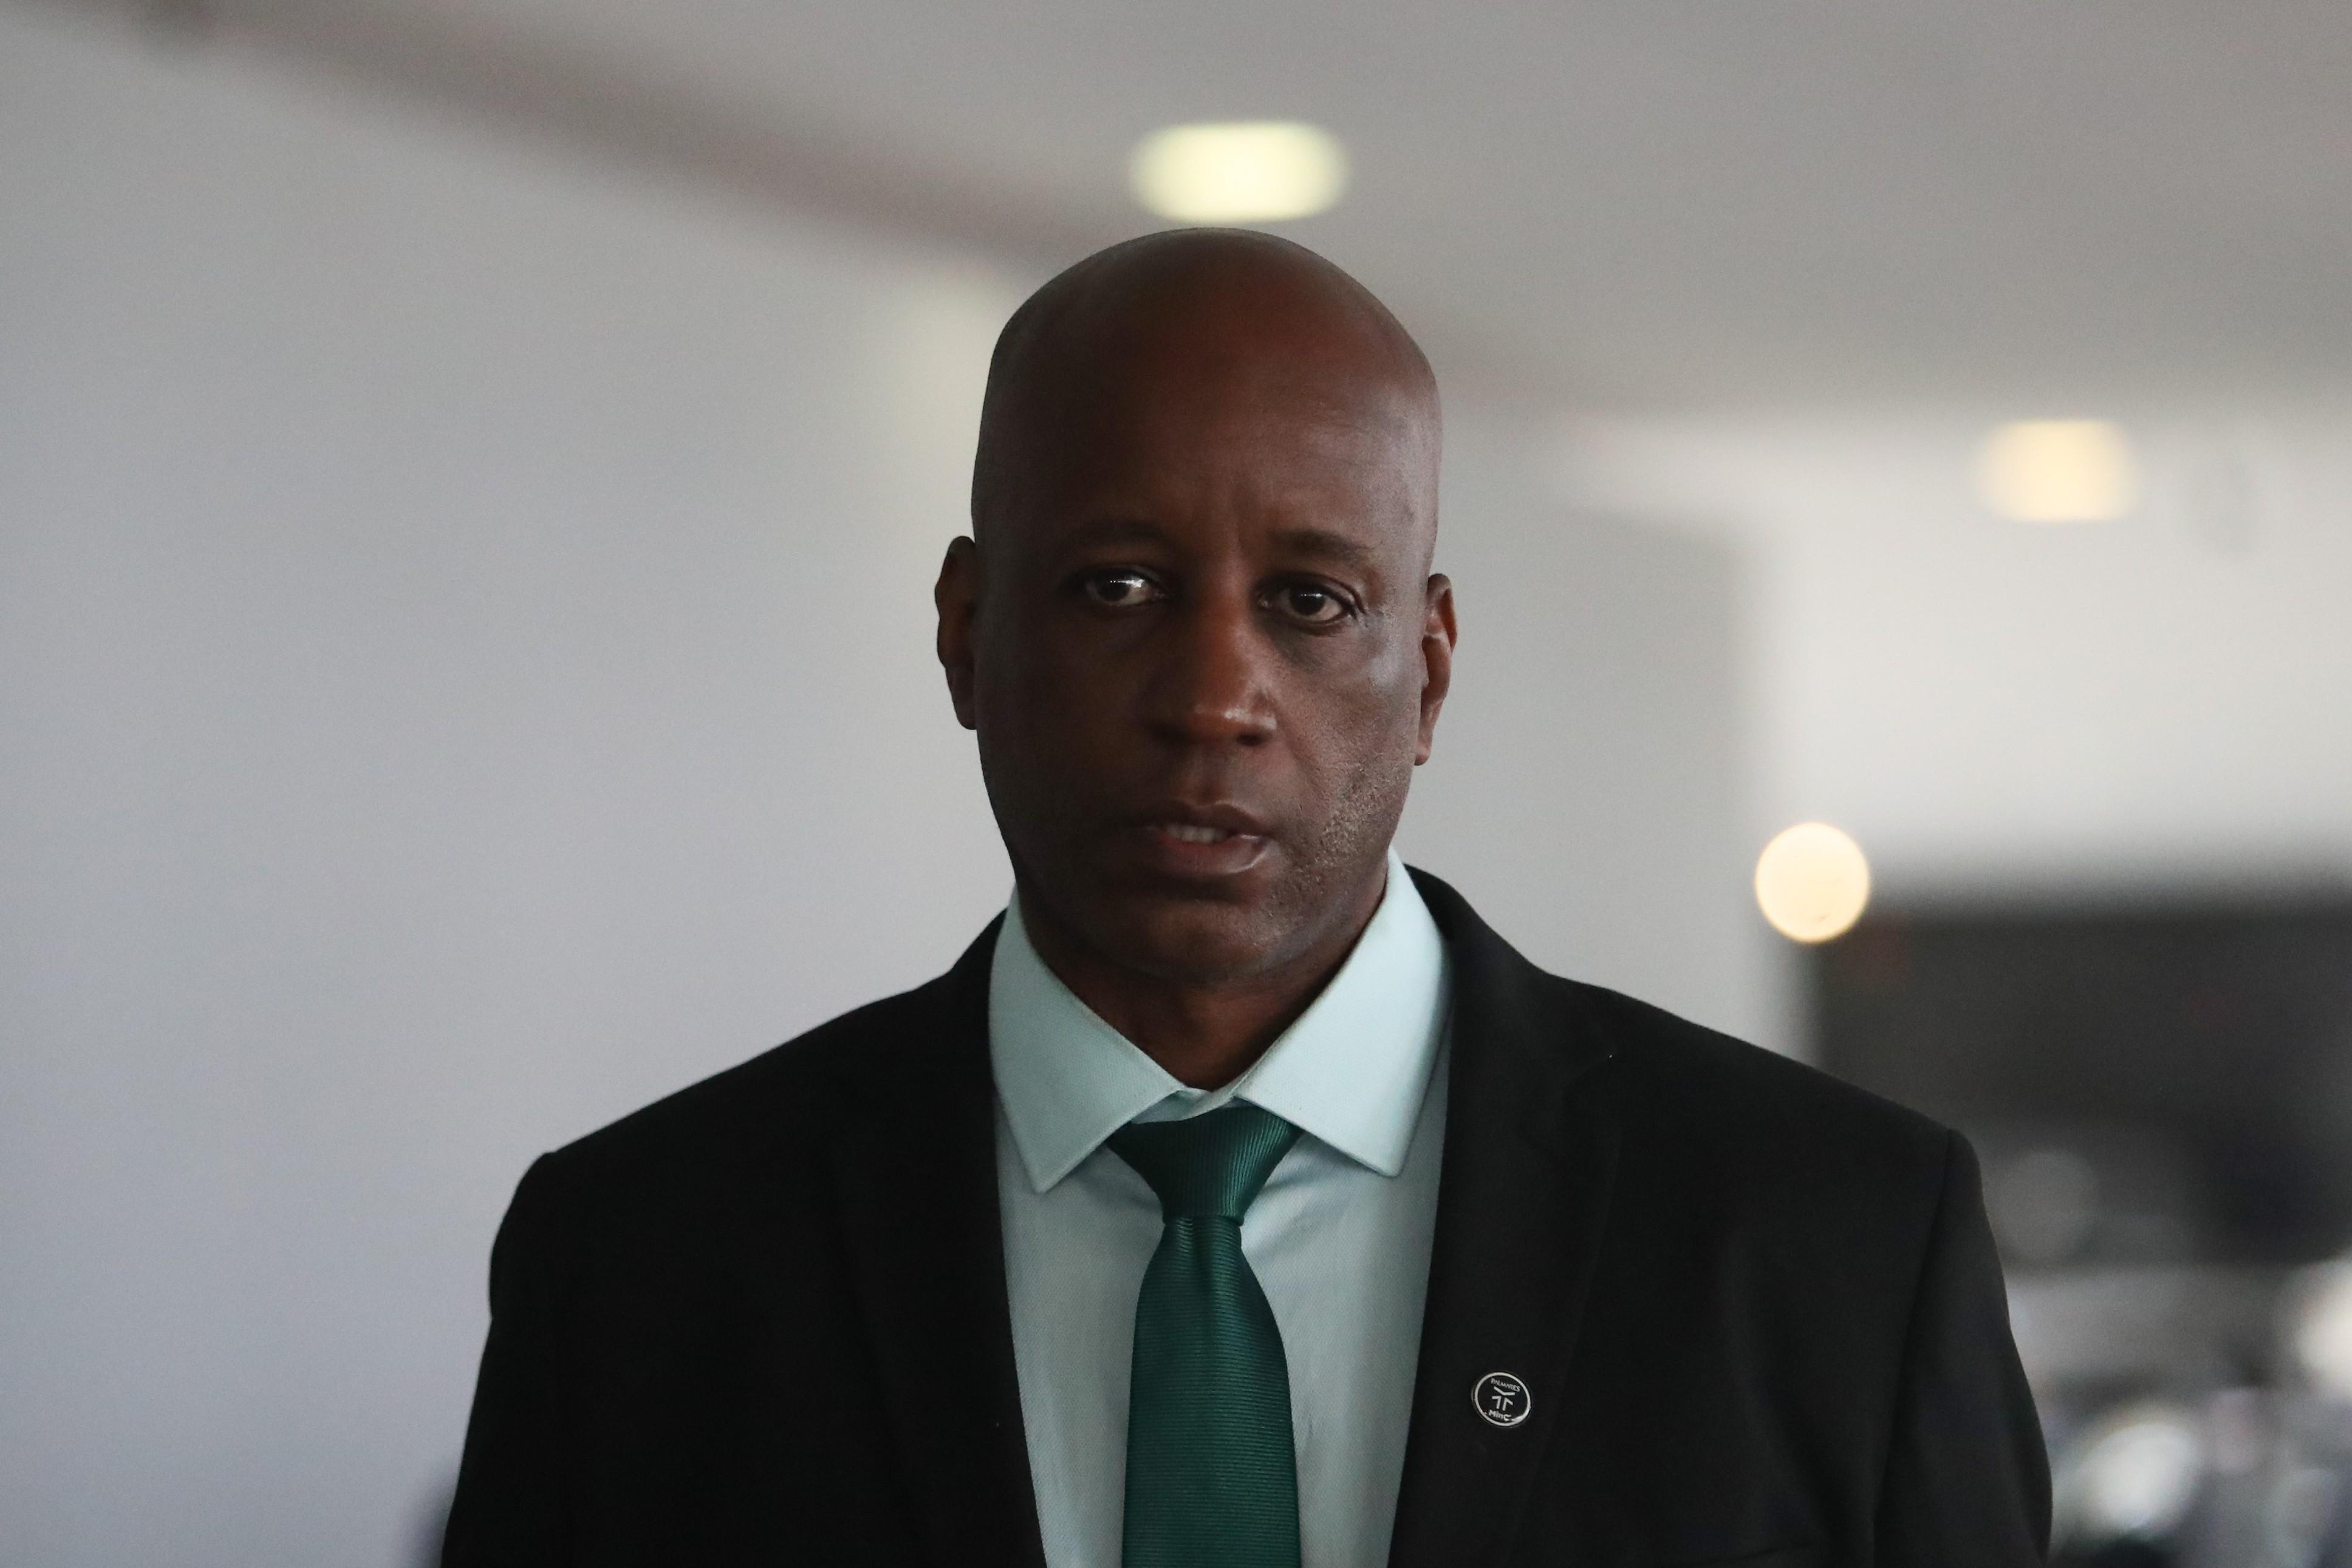 Justiça manda Sérgio Camargo retirar das redes sociais postagens contrárias à decisão que o proíbe de nomear ou exonerar funcionários da Fundação Palmares